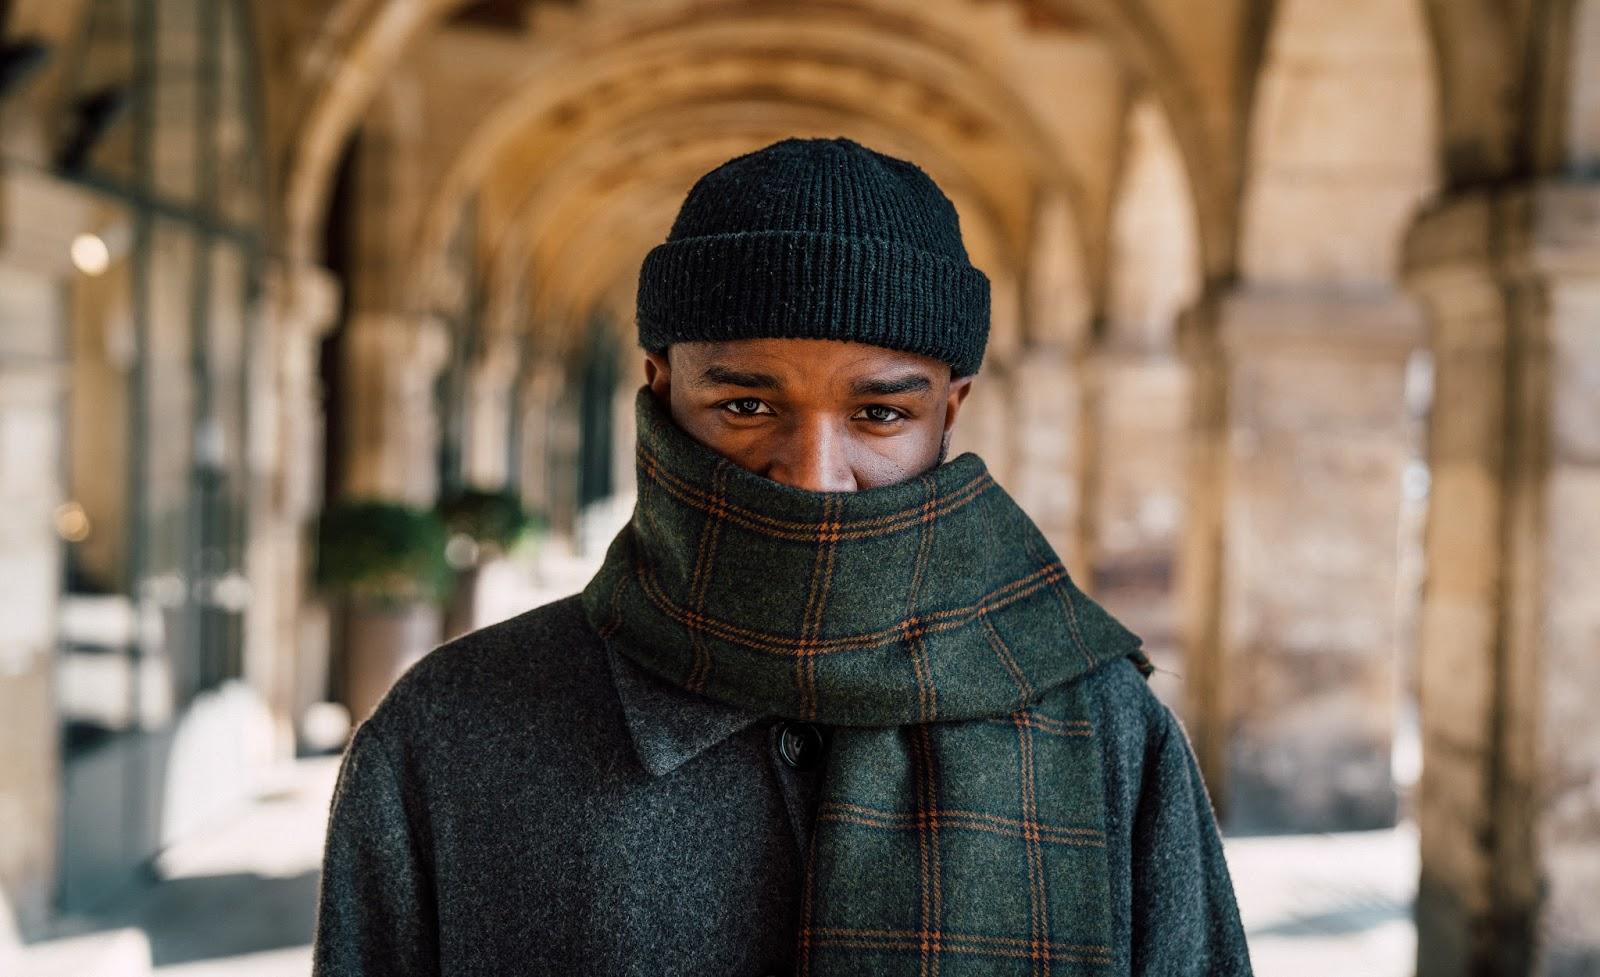 في فصل الشتاء ..خبراء يحذرون من لبس الوشاح الشتوي بدل الكمامة-1